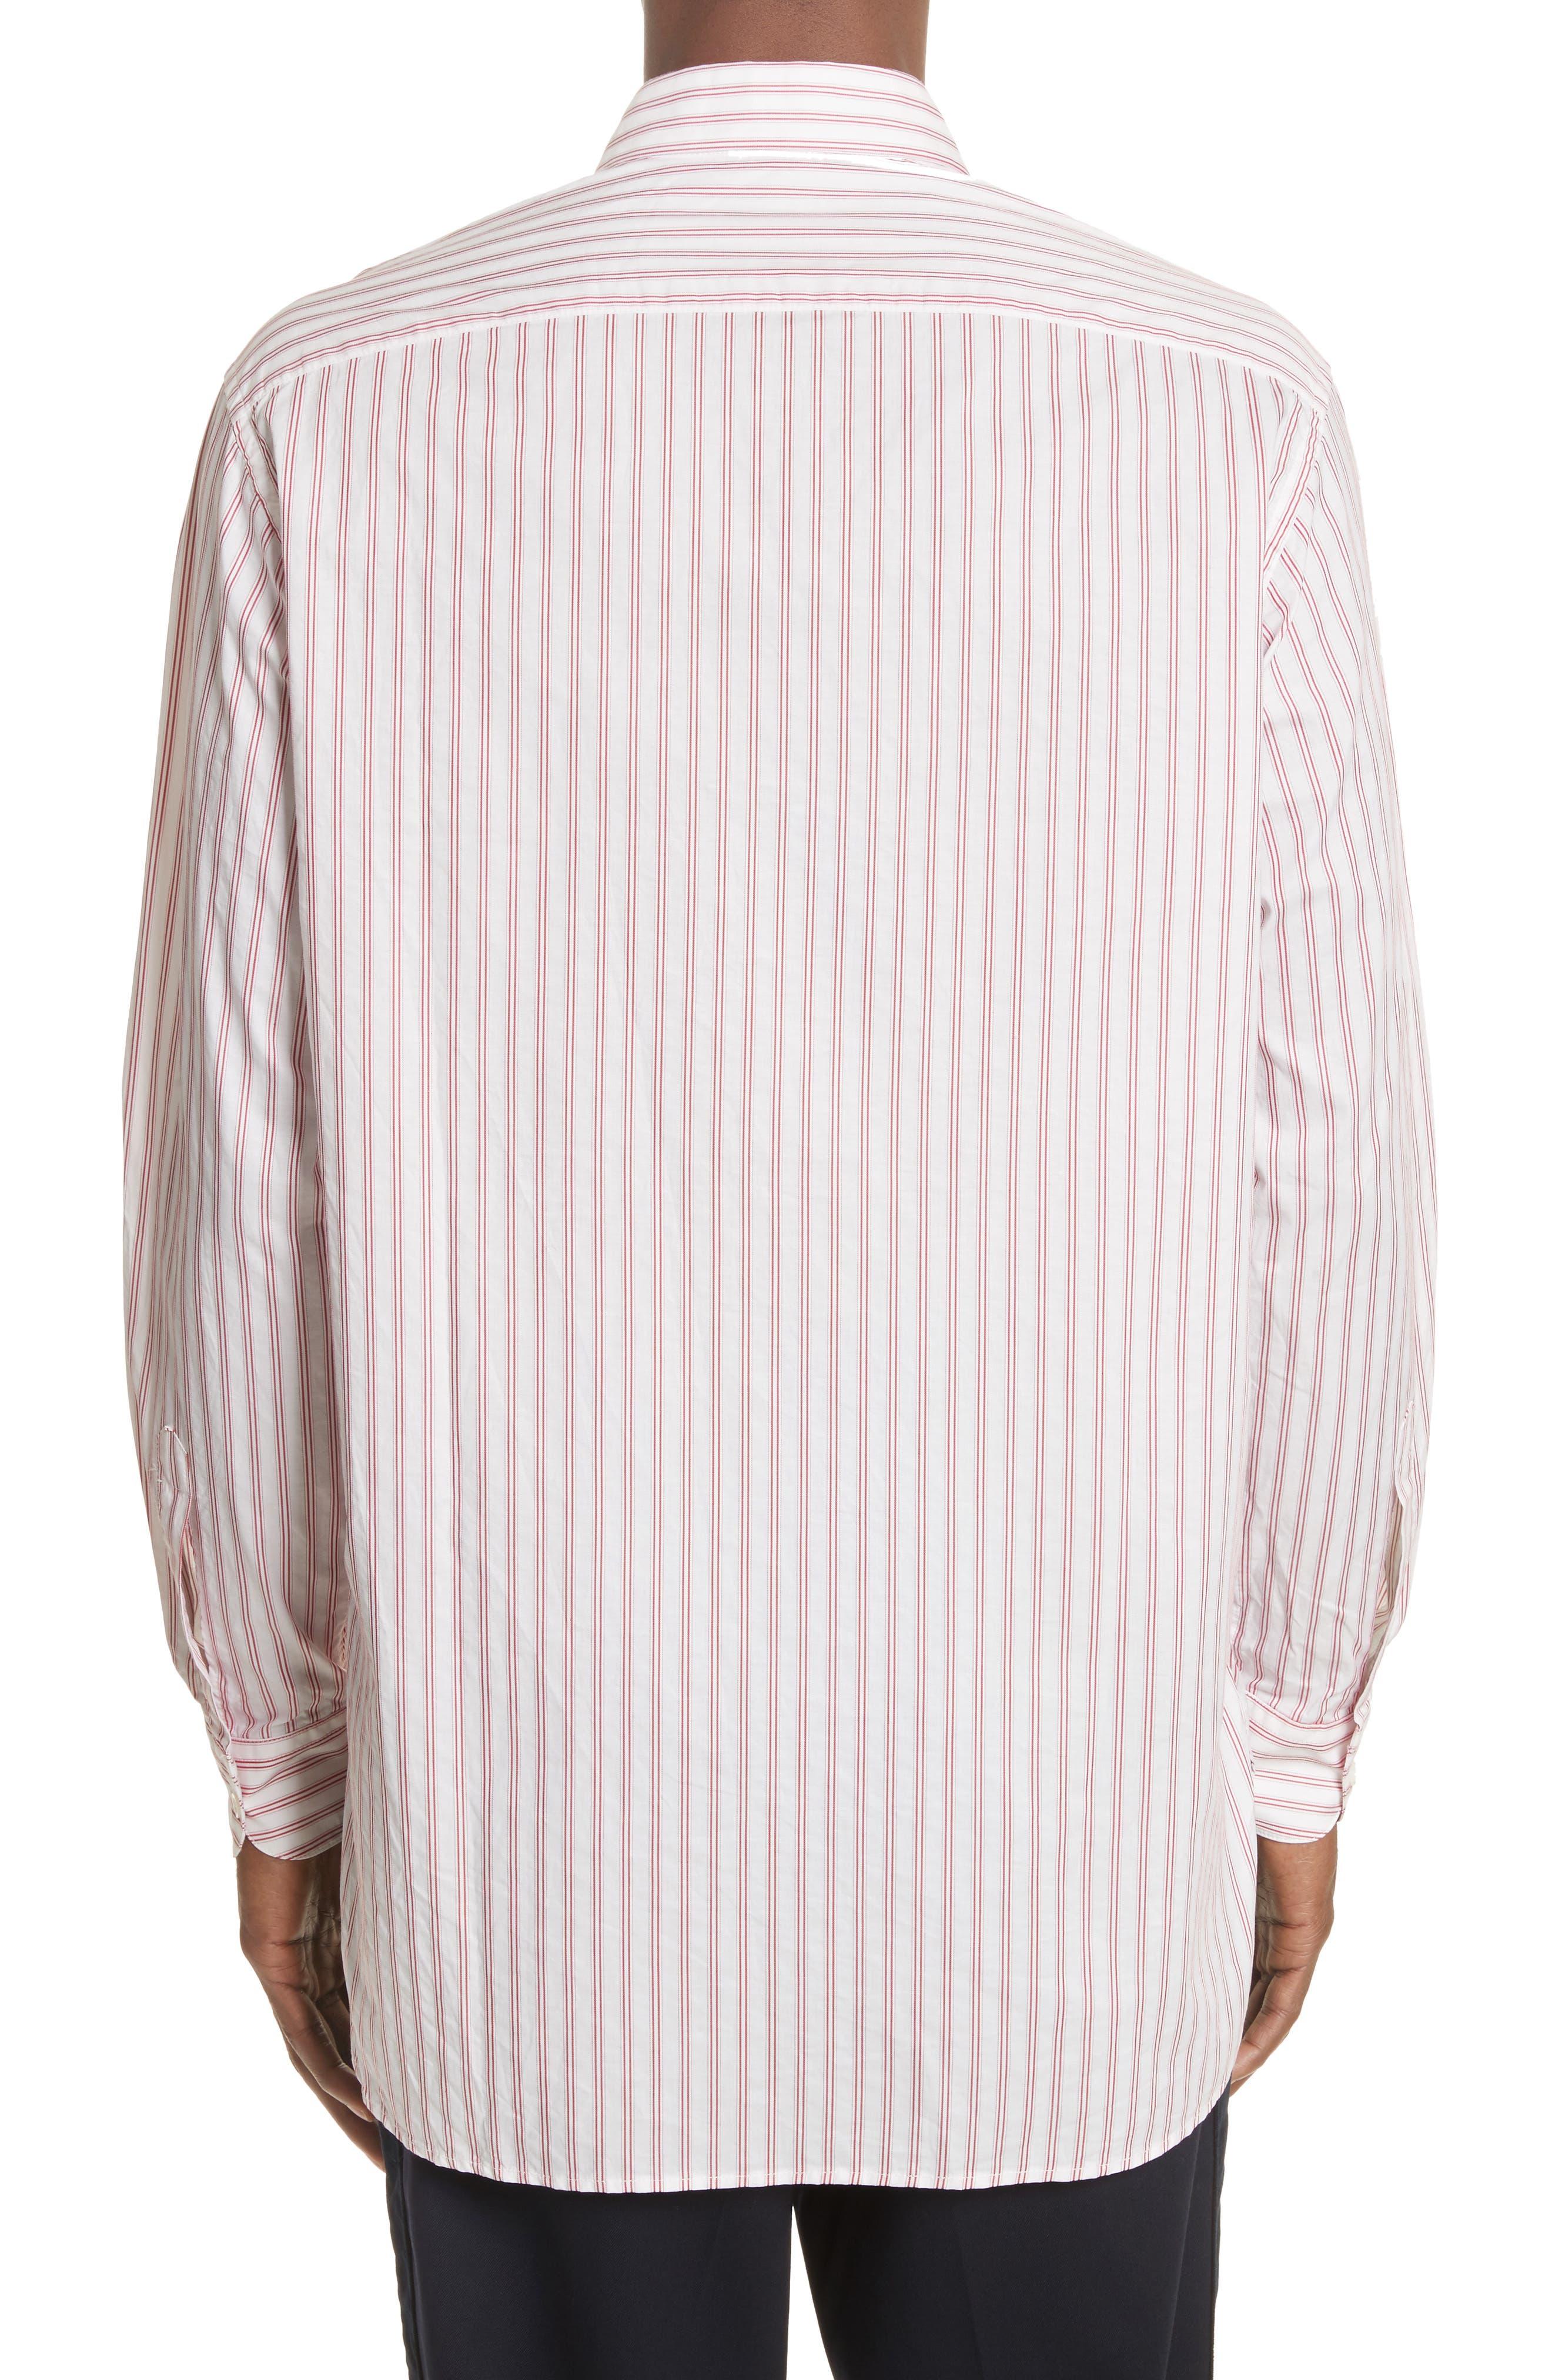 Aega Striped Sport Shirt,                             Alternate thumbnail 3, color,                             110